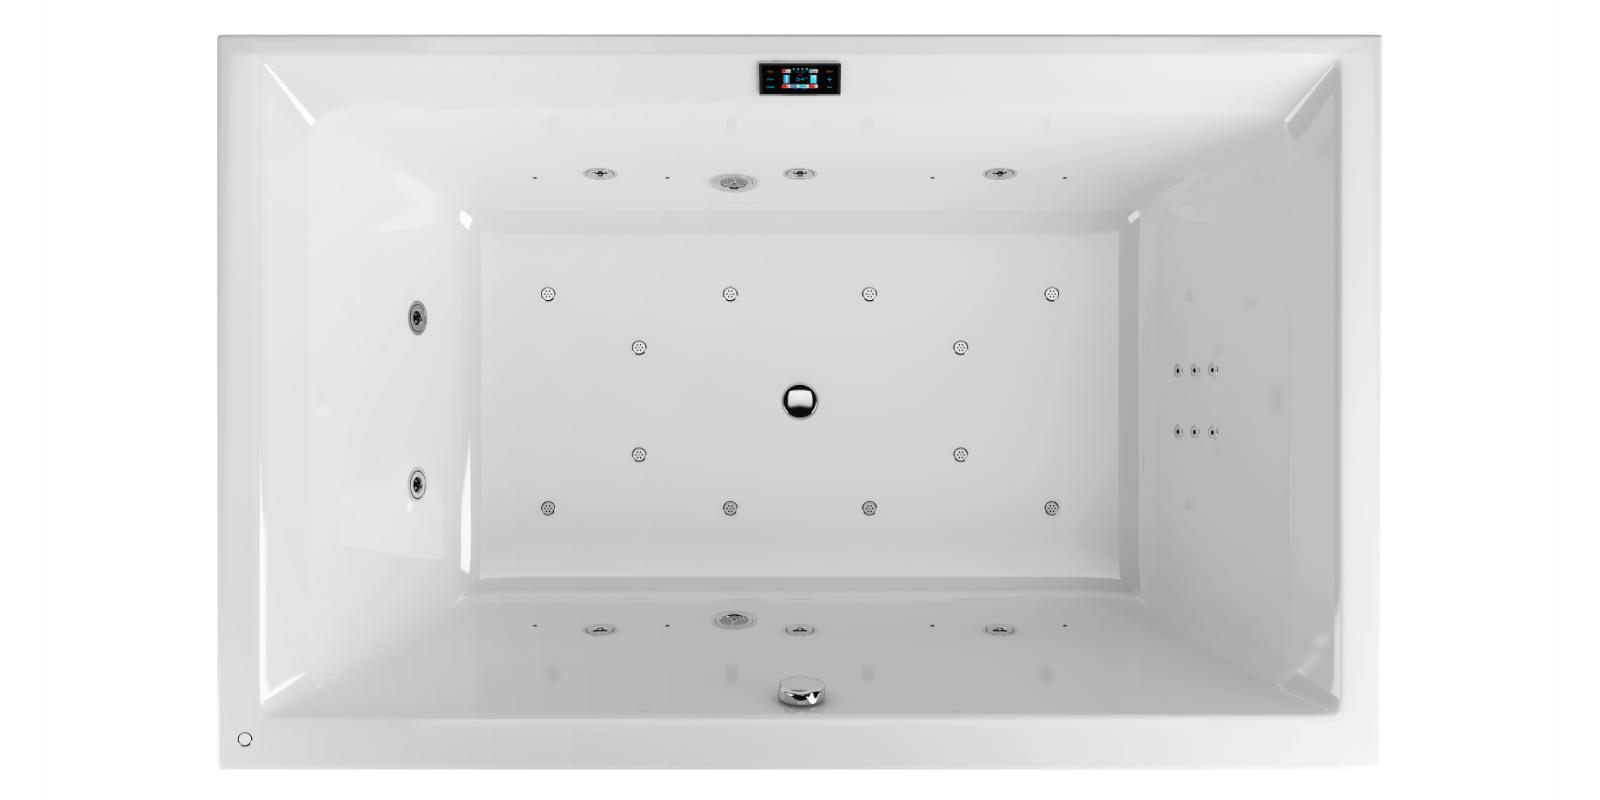 hydromasaz-discovery-premium-w-wannie-crown-lux-1600x800